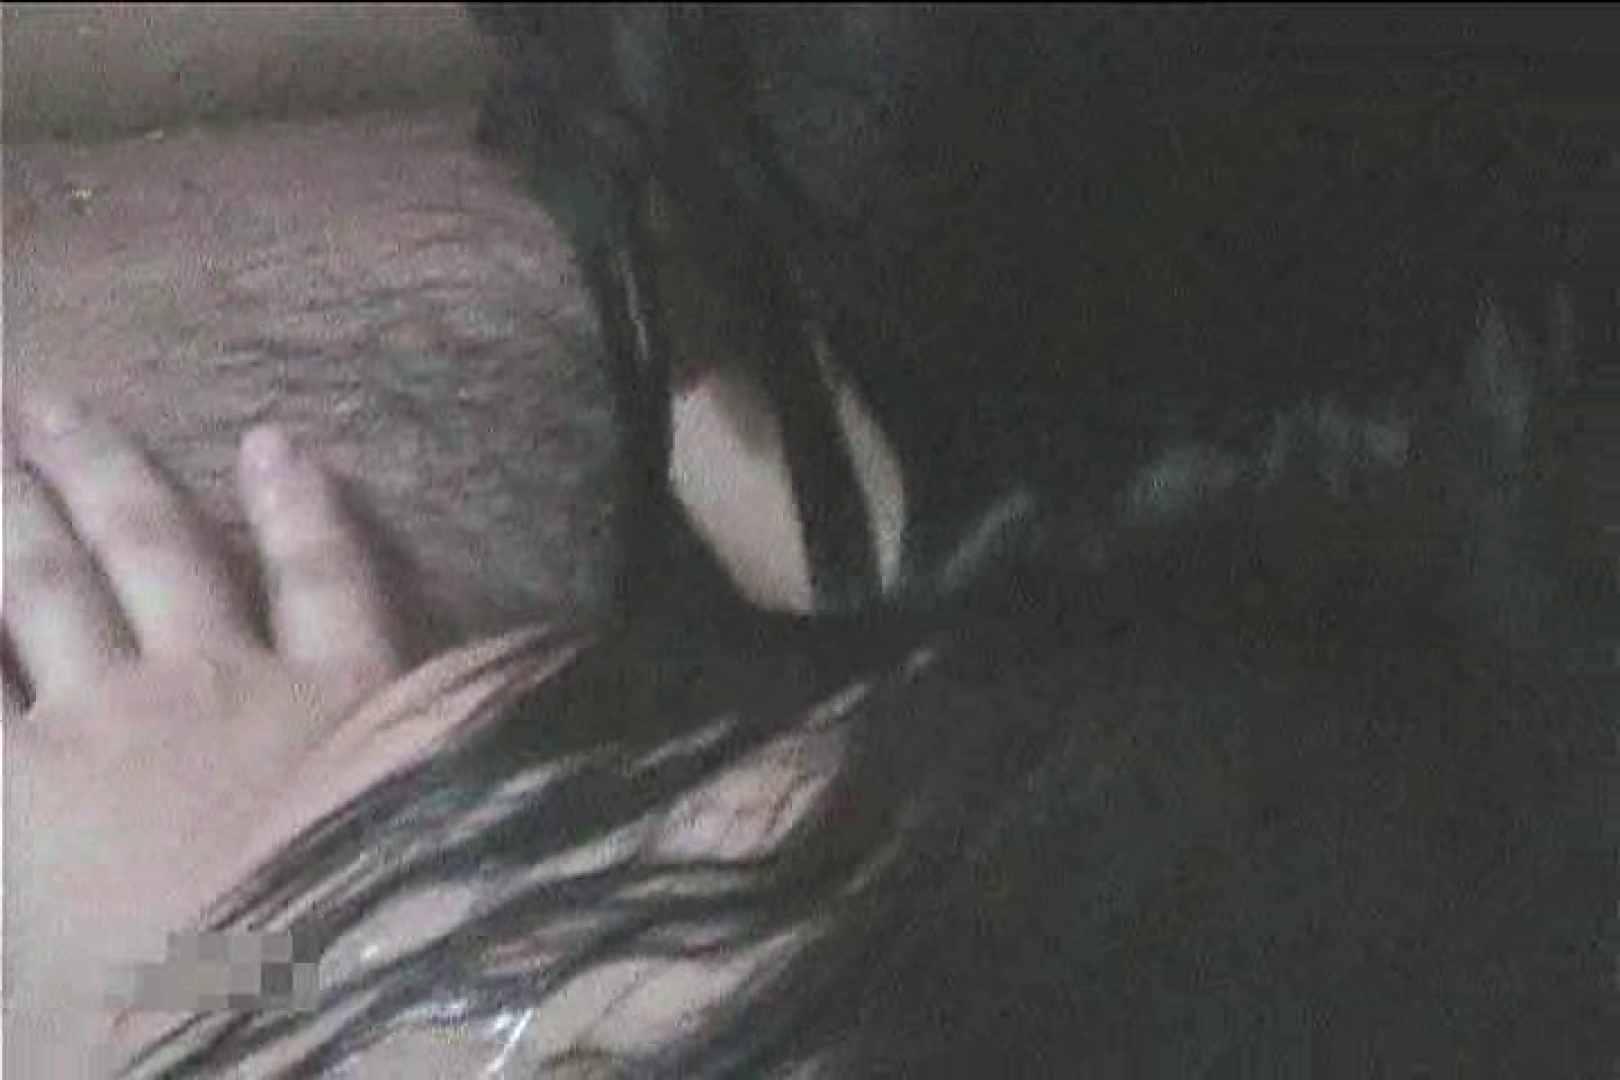 全裸で発情!!家族風呂の実態Vol.3 濃厚セックス  52PICs 48